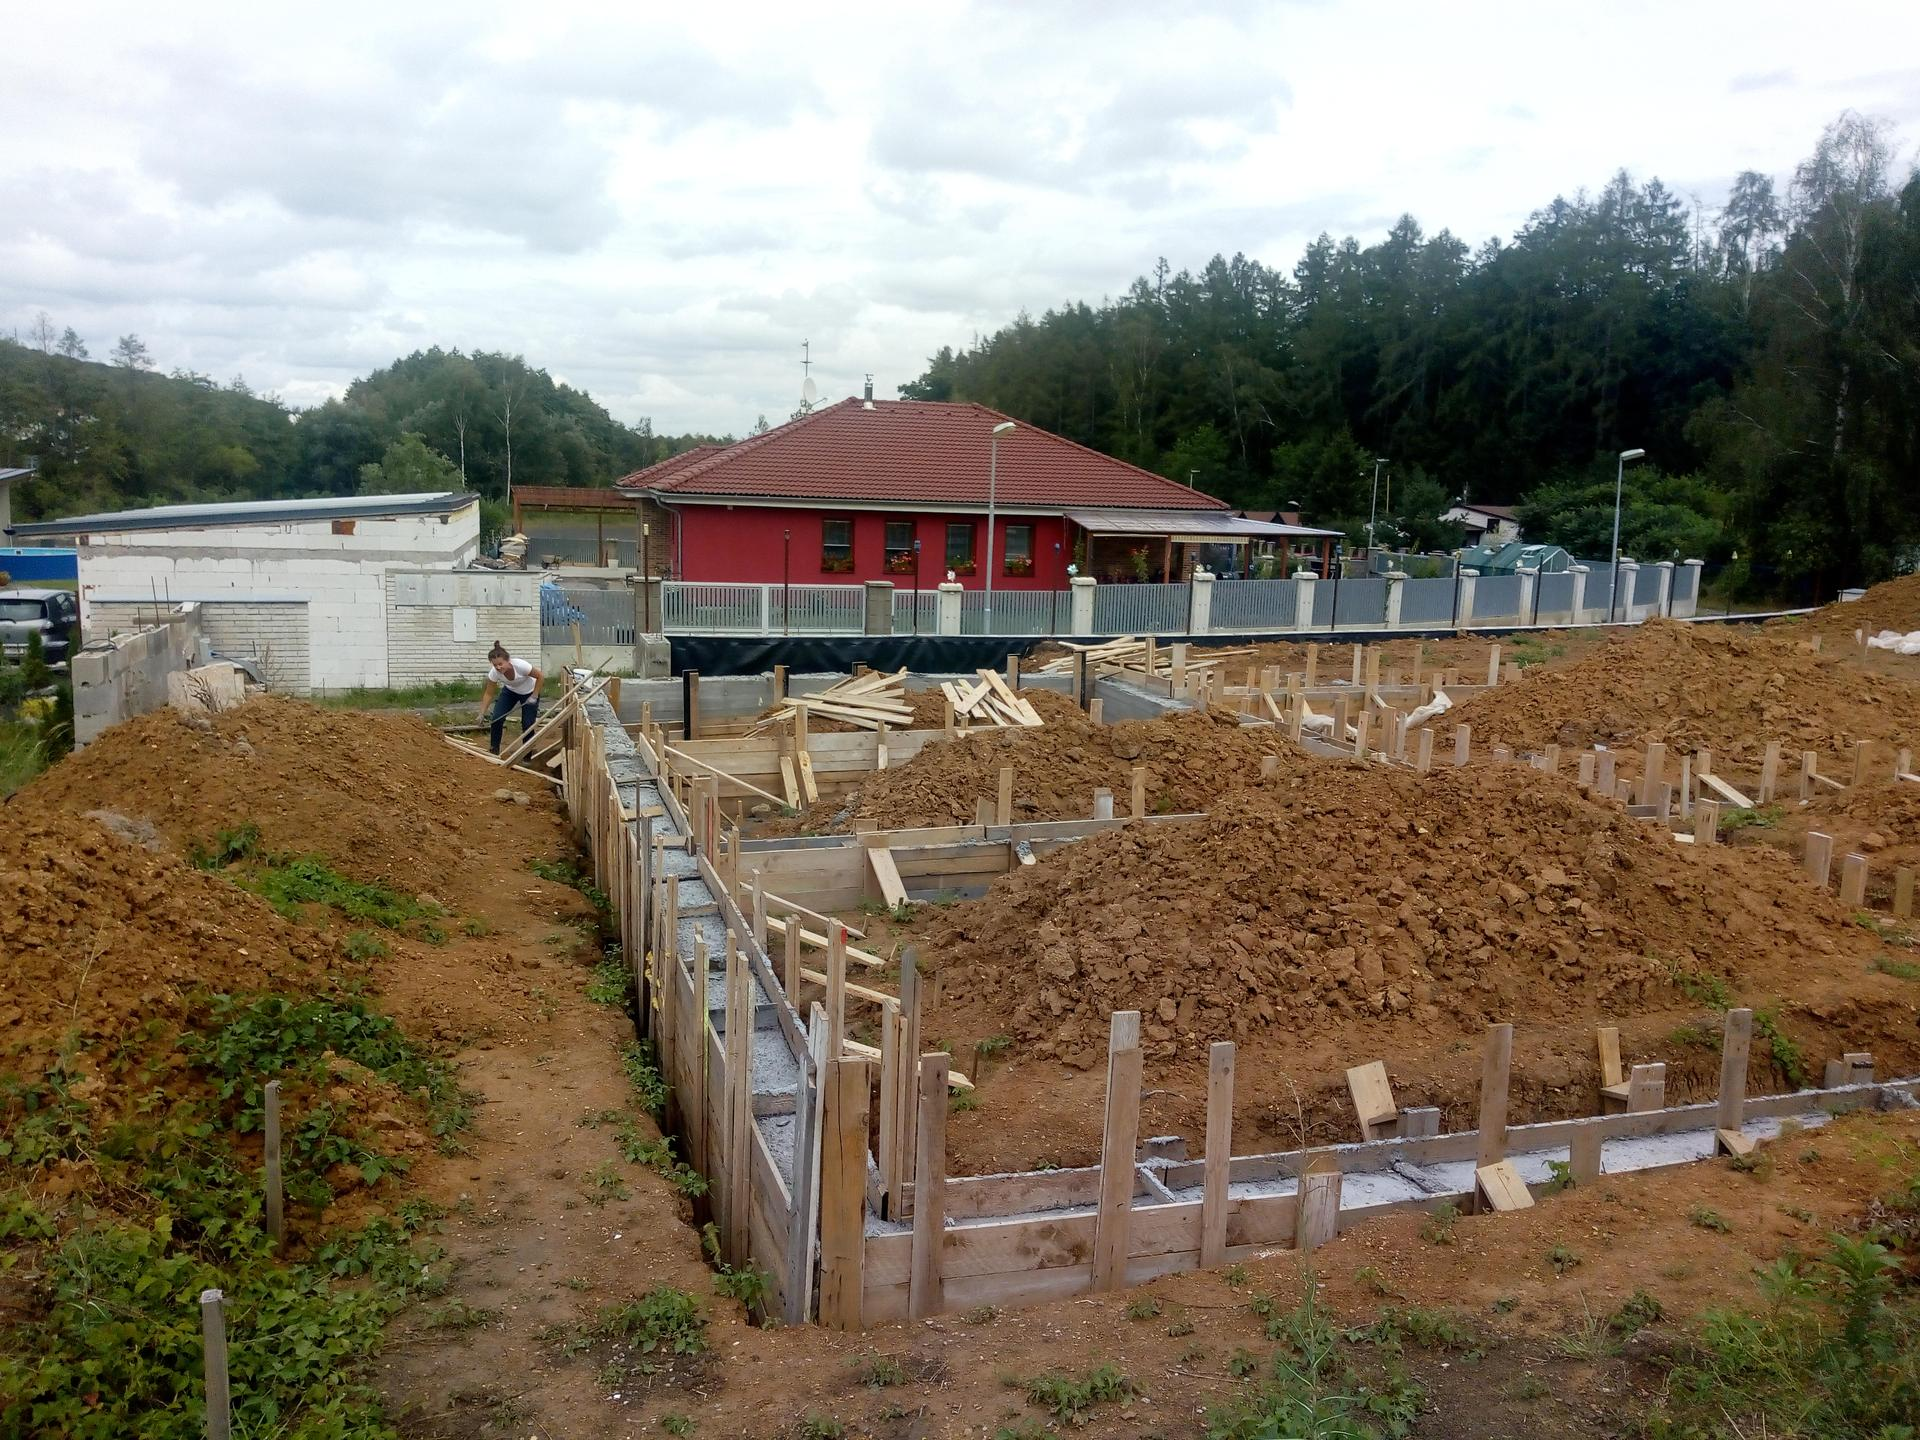 Příprava pozemku, bednění, základy, opěrka, bouda, plot - Obrázek č. 13